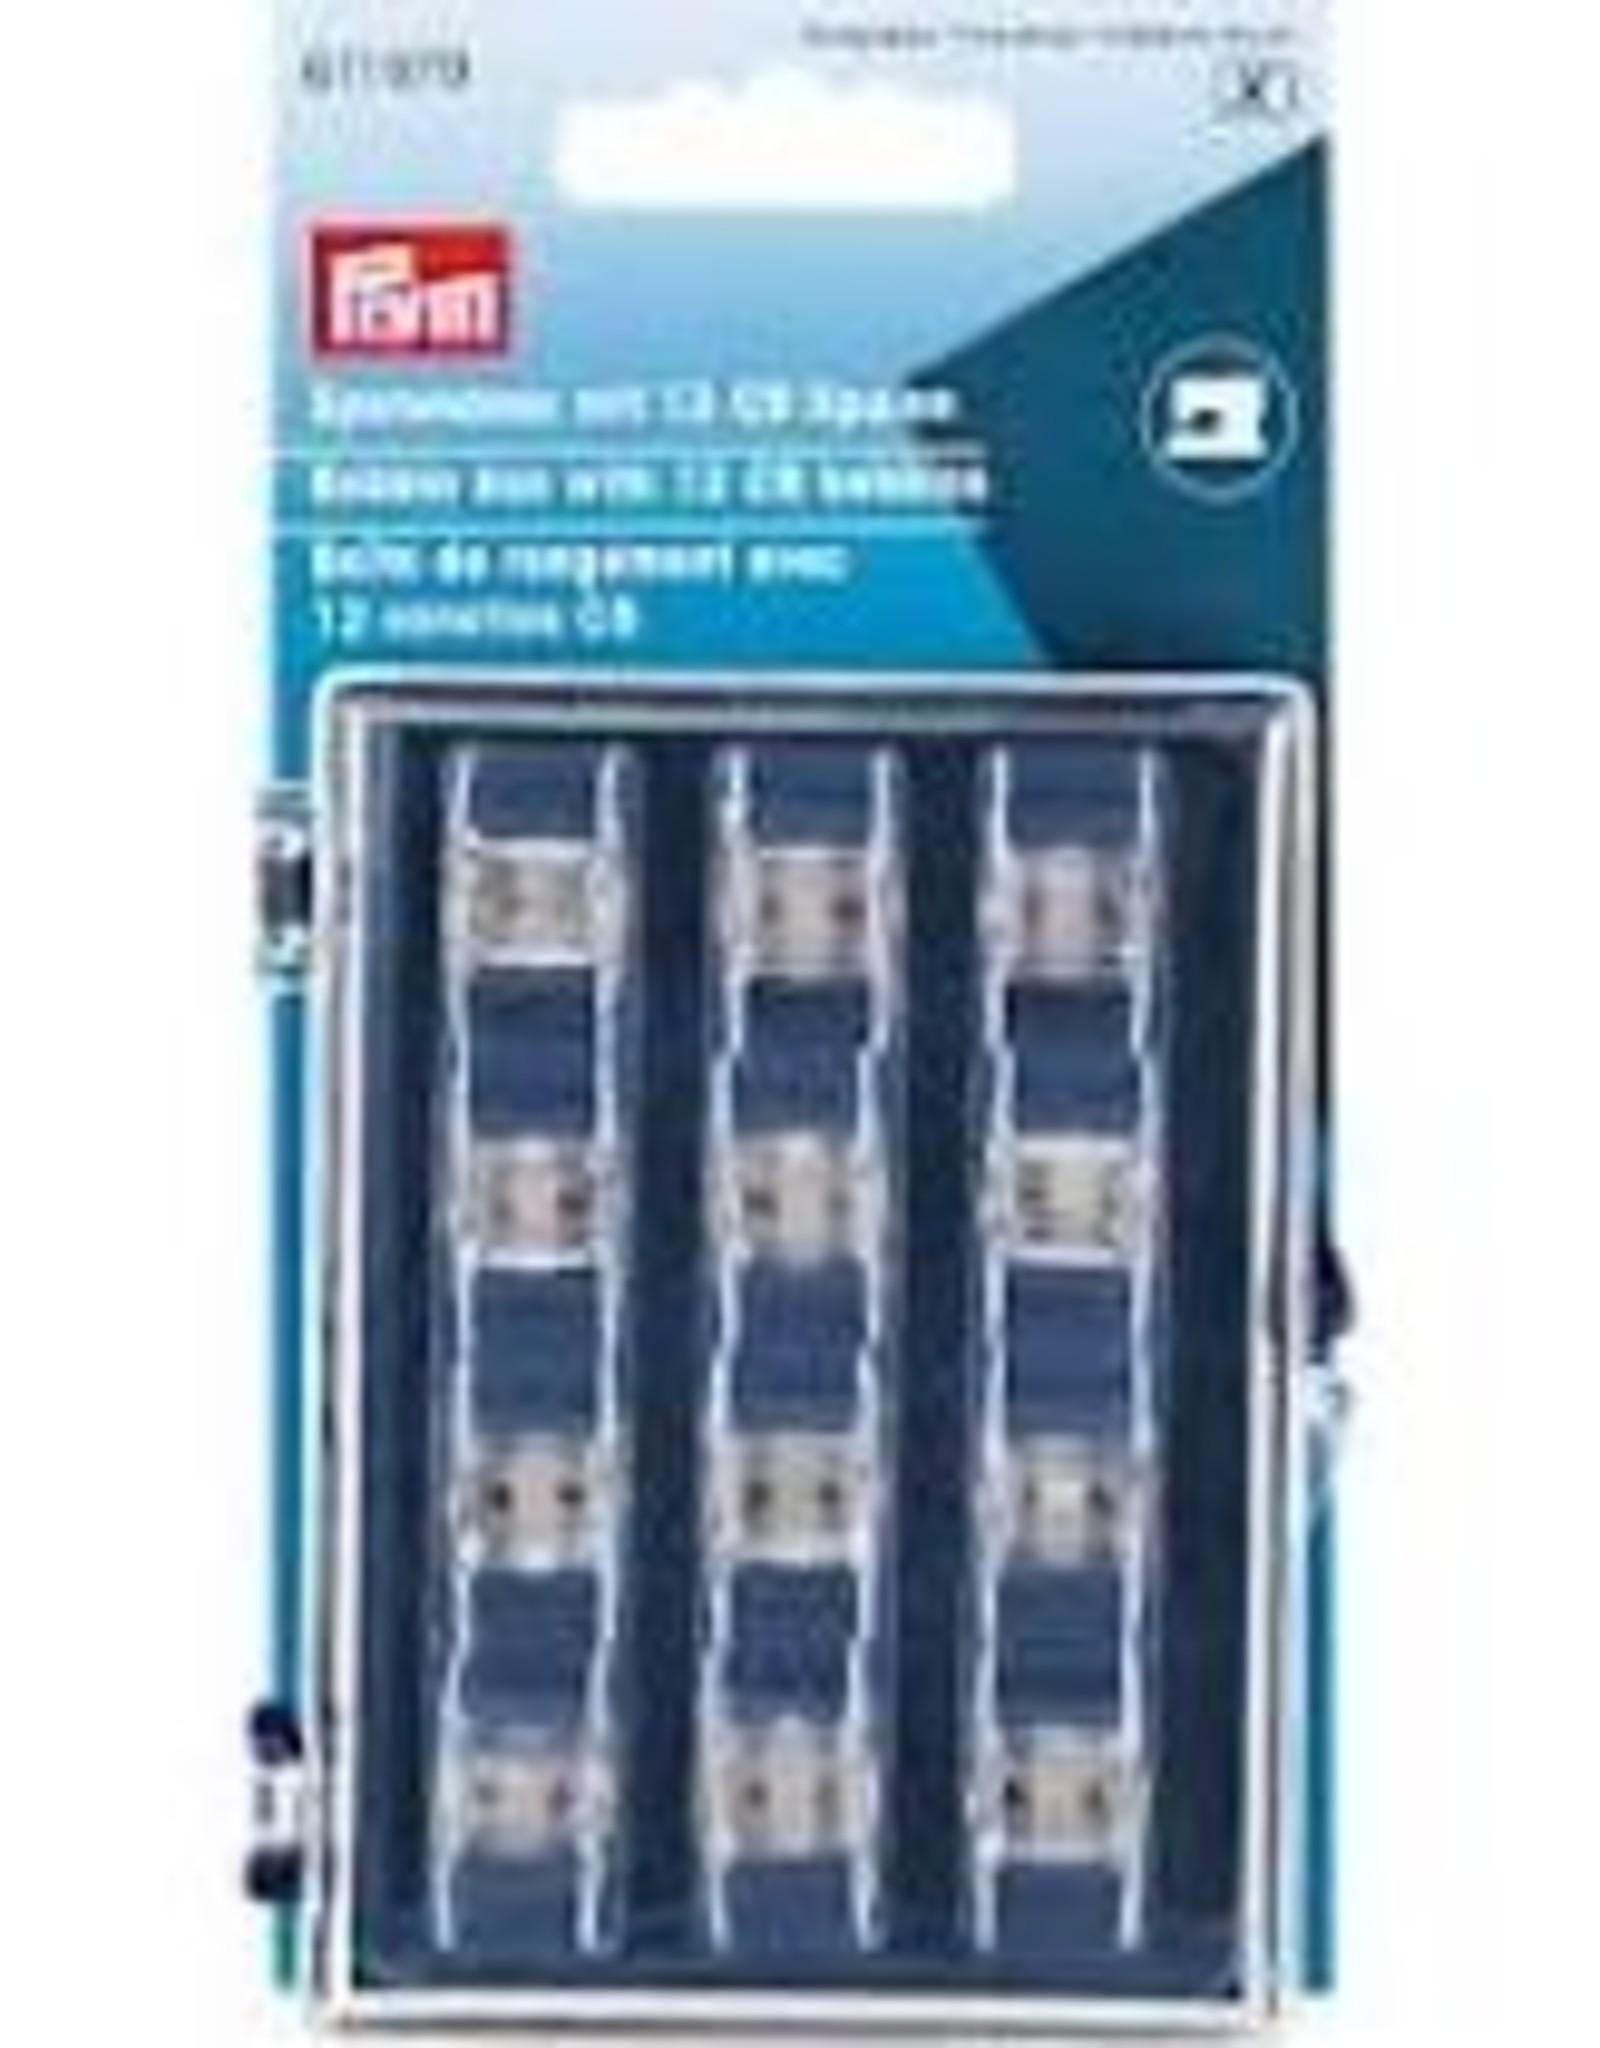 Prym Prym - Spoelendoos met 12 CB spoelen - 611 979